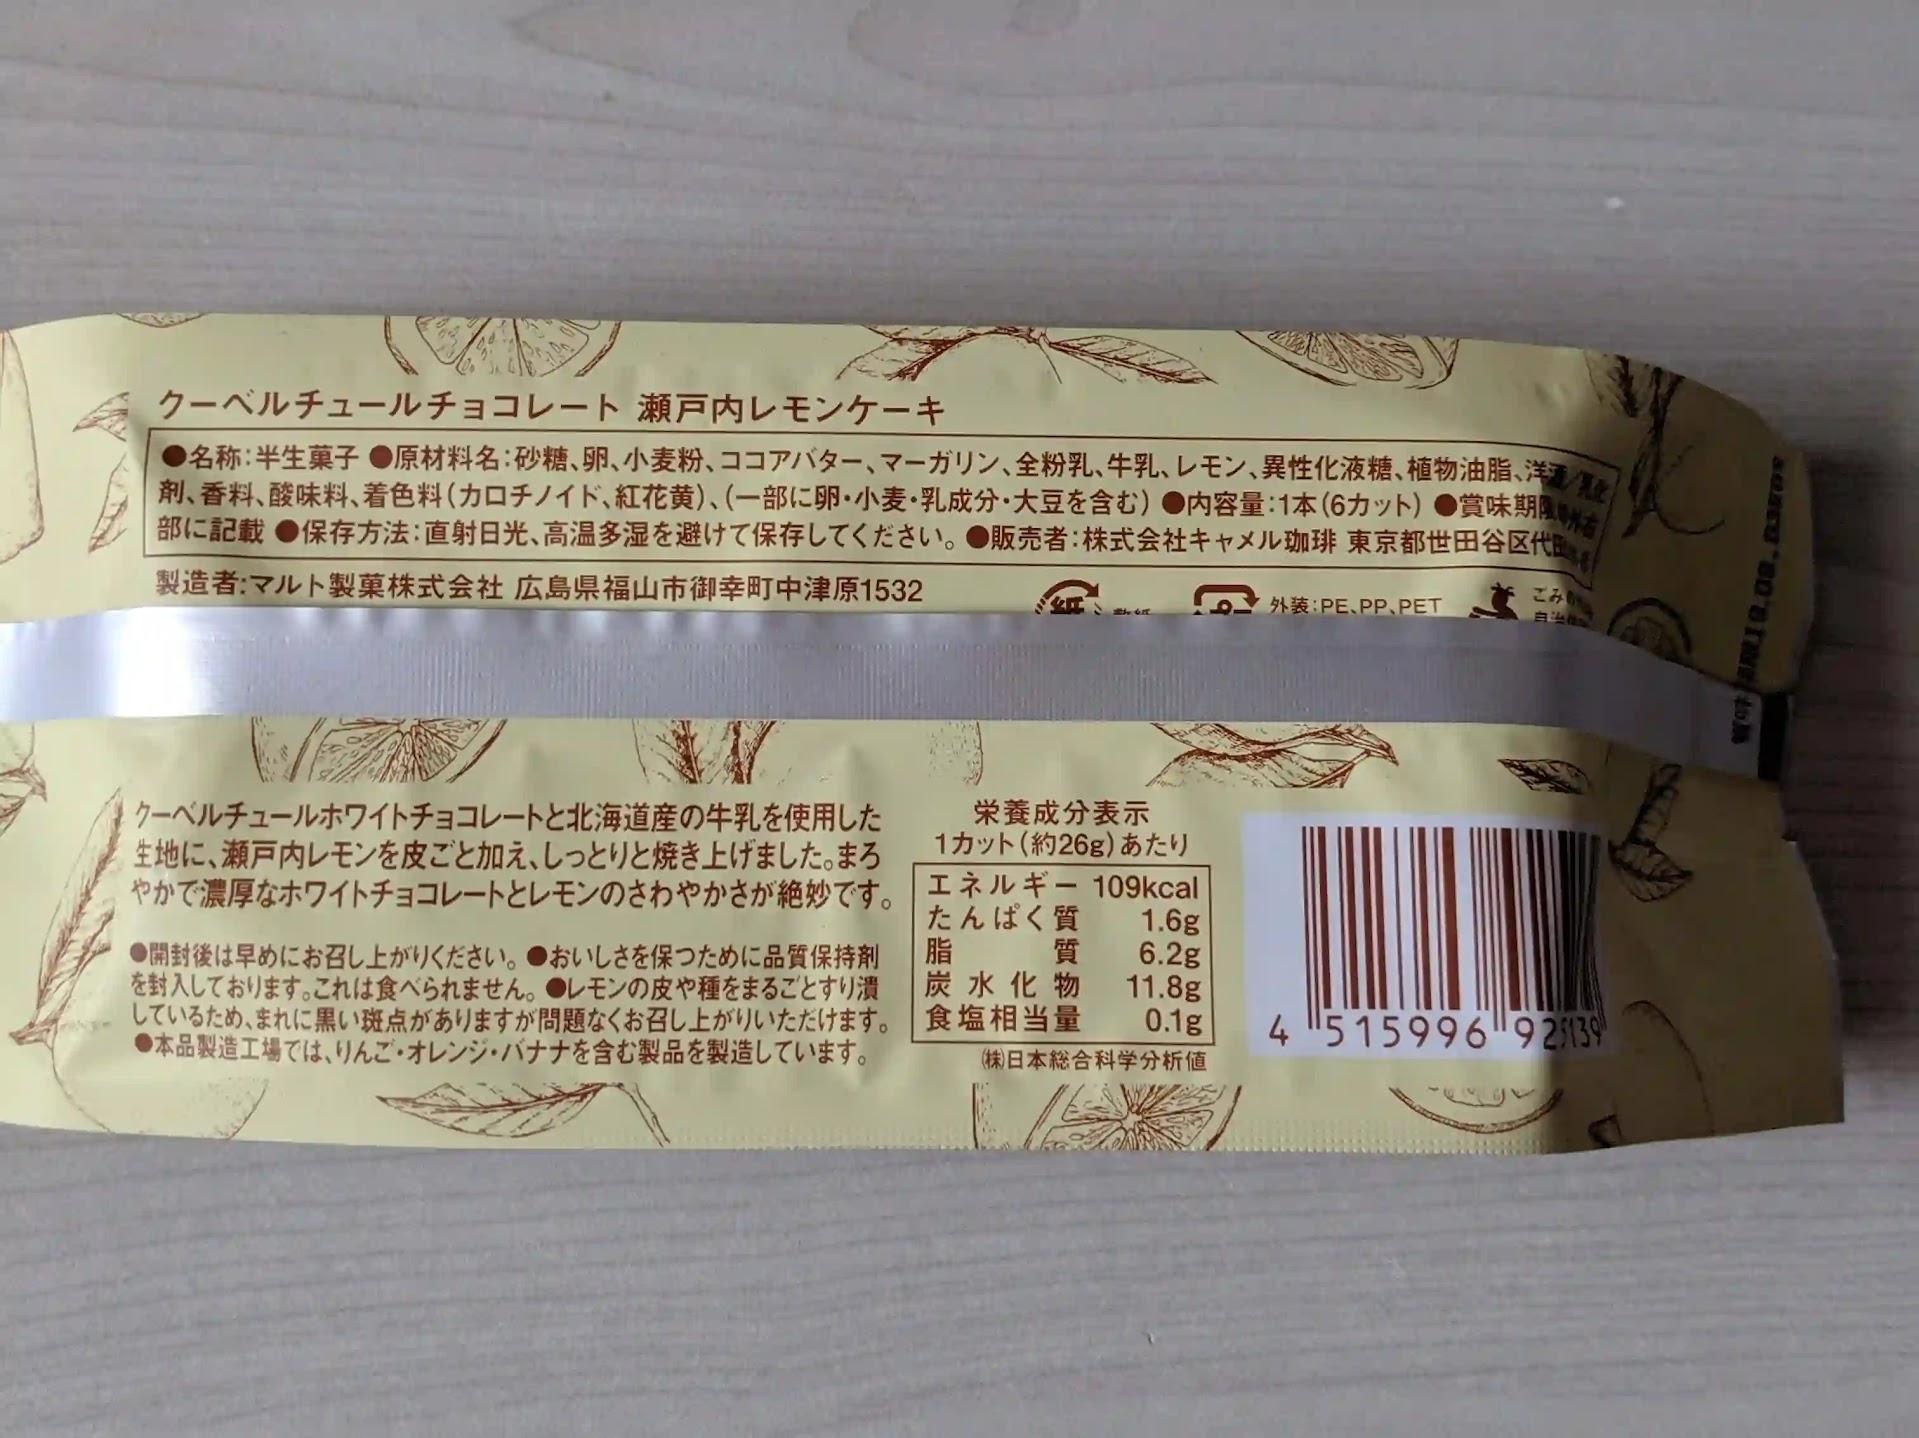 カルディ クーベルチュールチョコレート瀬戸内レモンケーキ 栄養成分表示